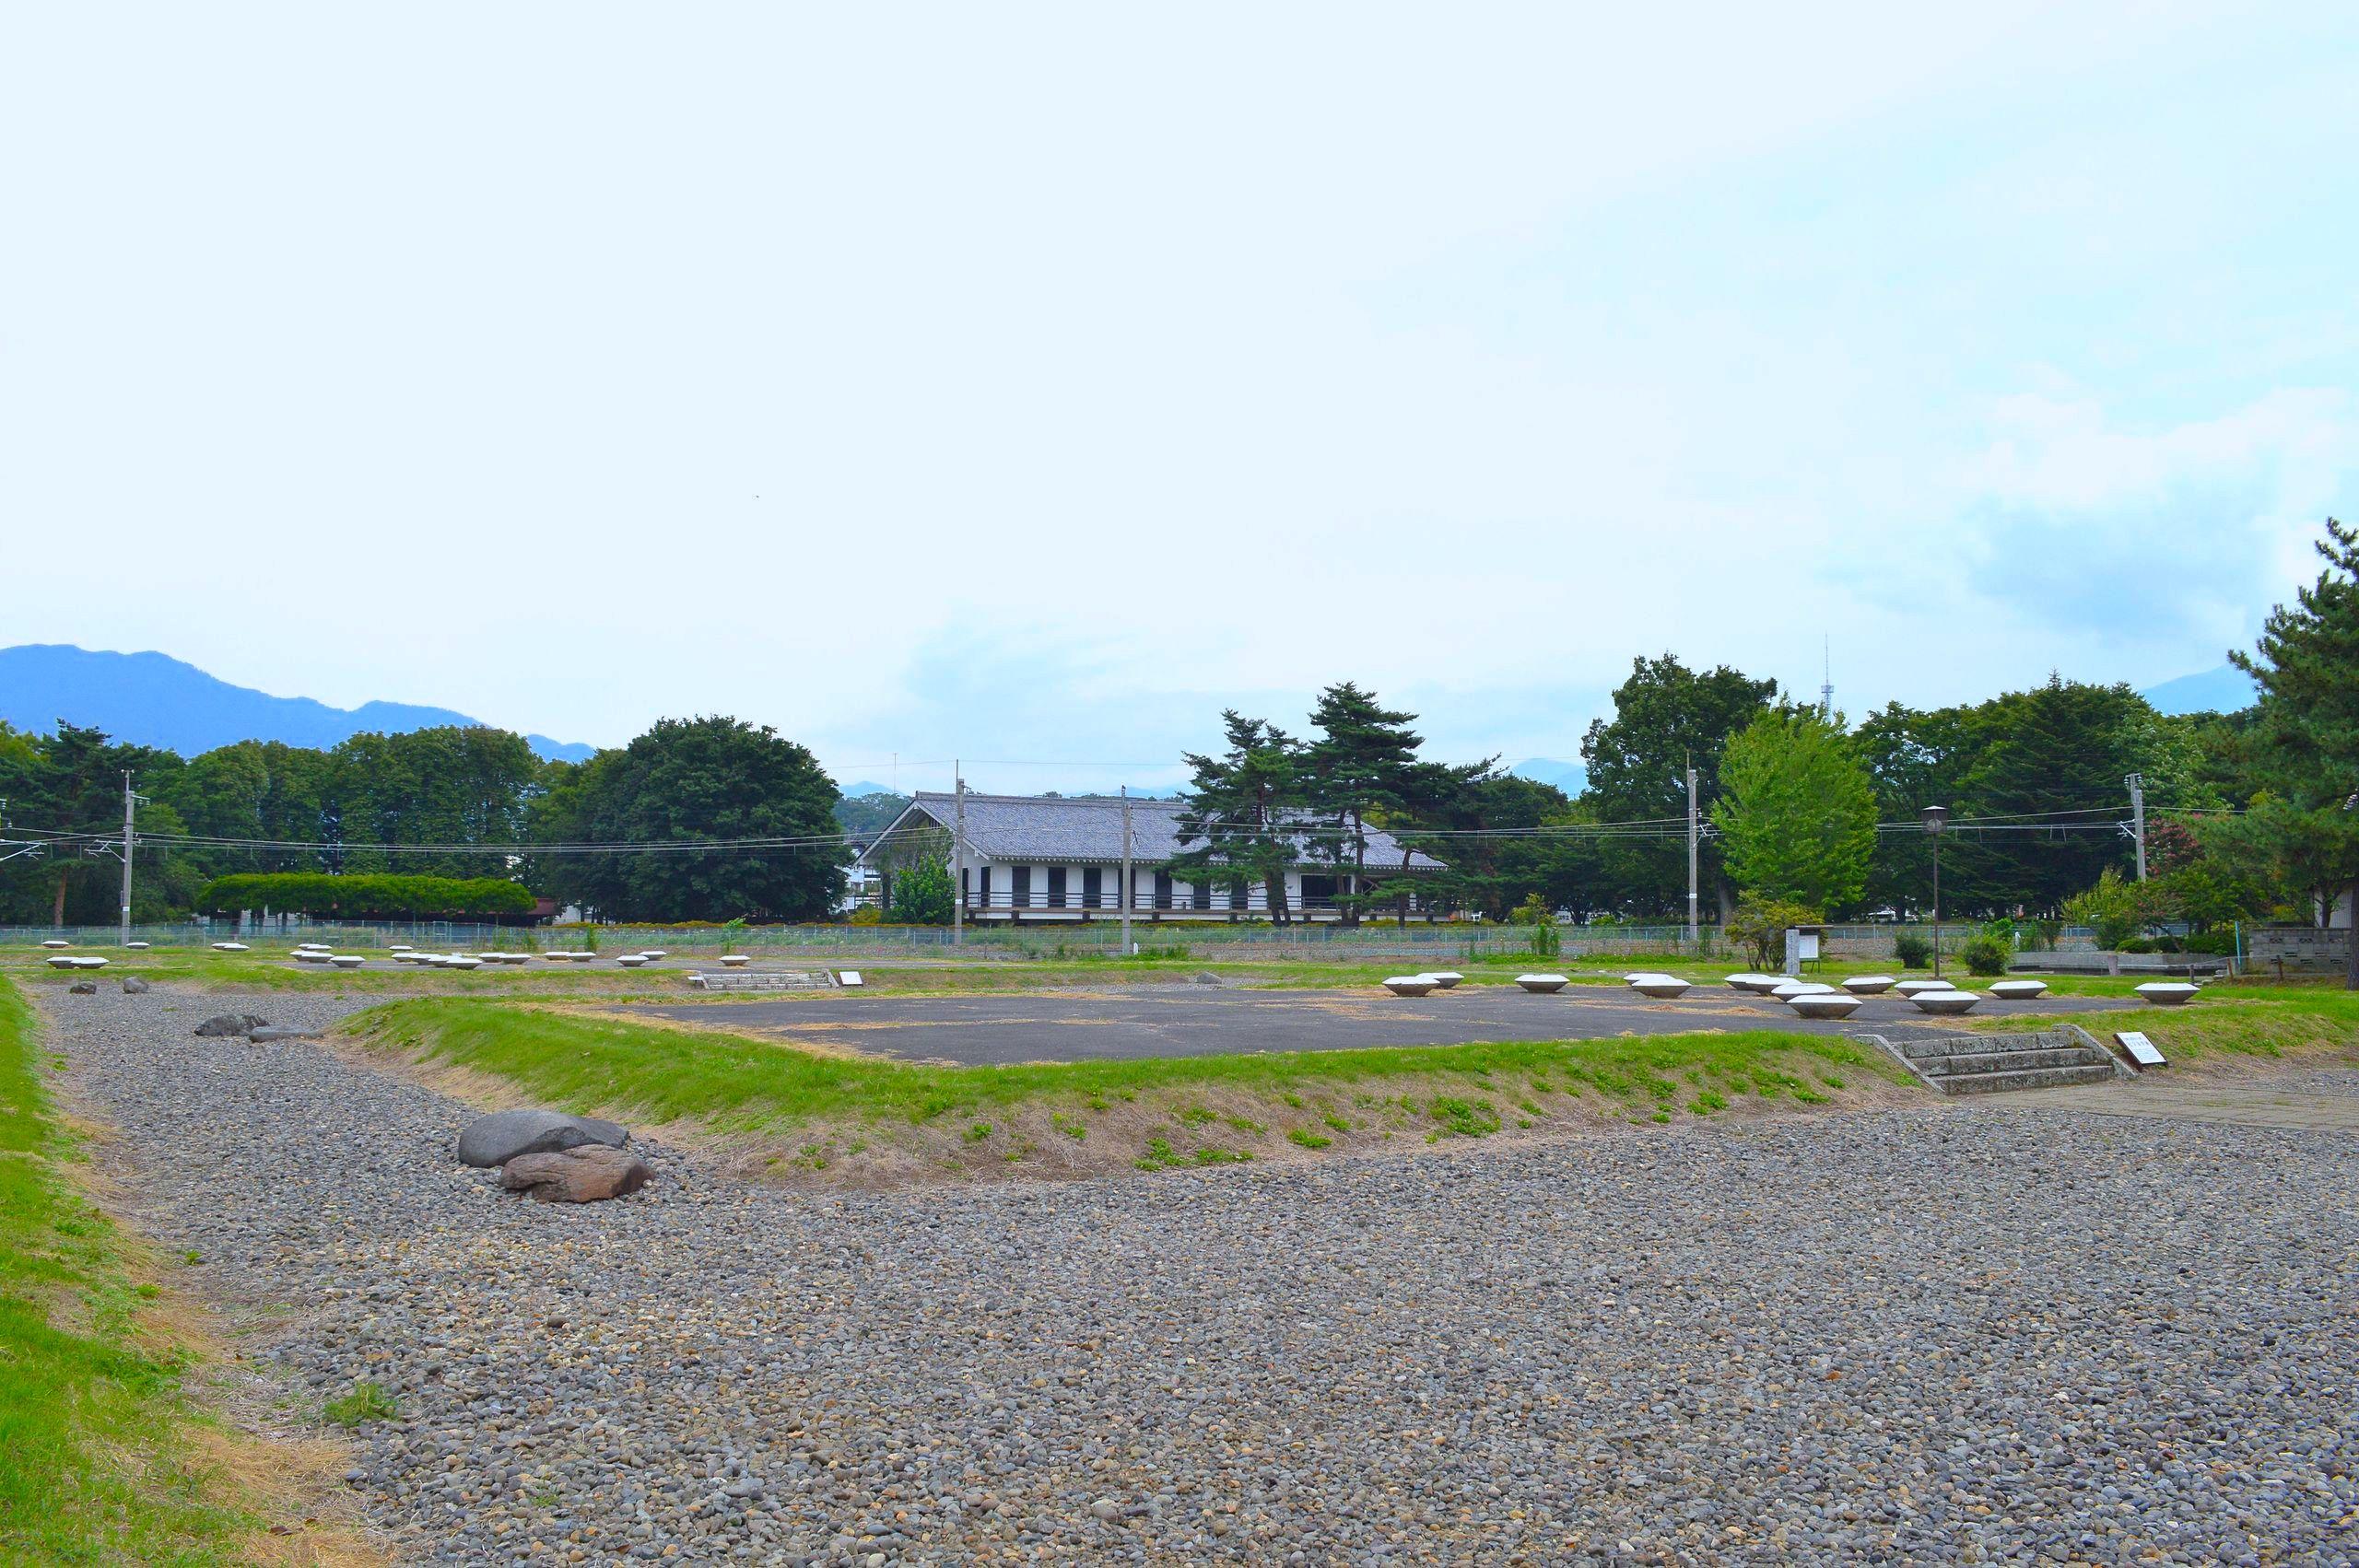 信濃国分尼寺跡(信濃国分寺史跡公園)